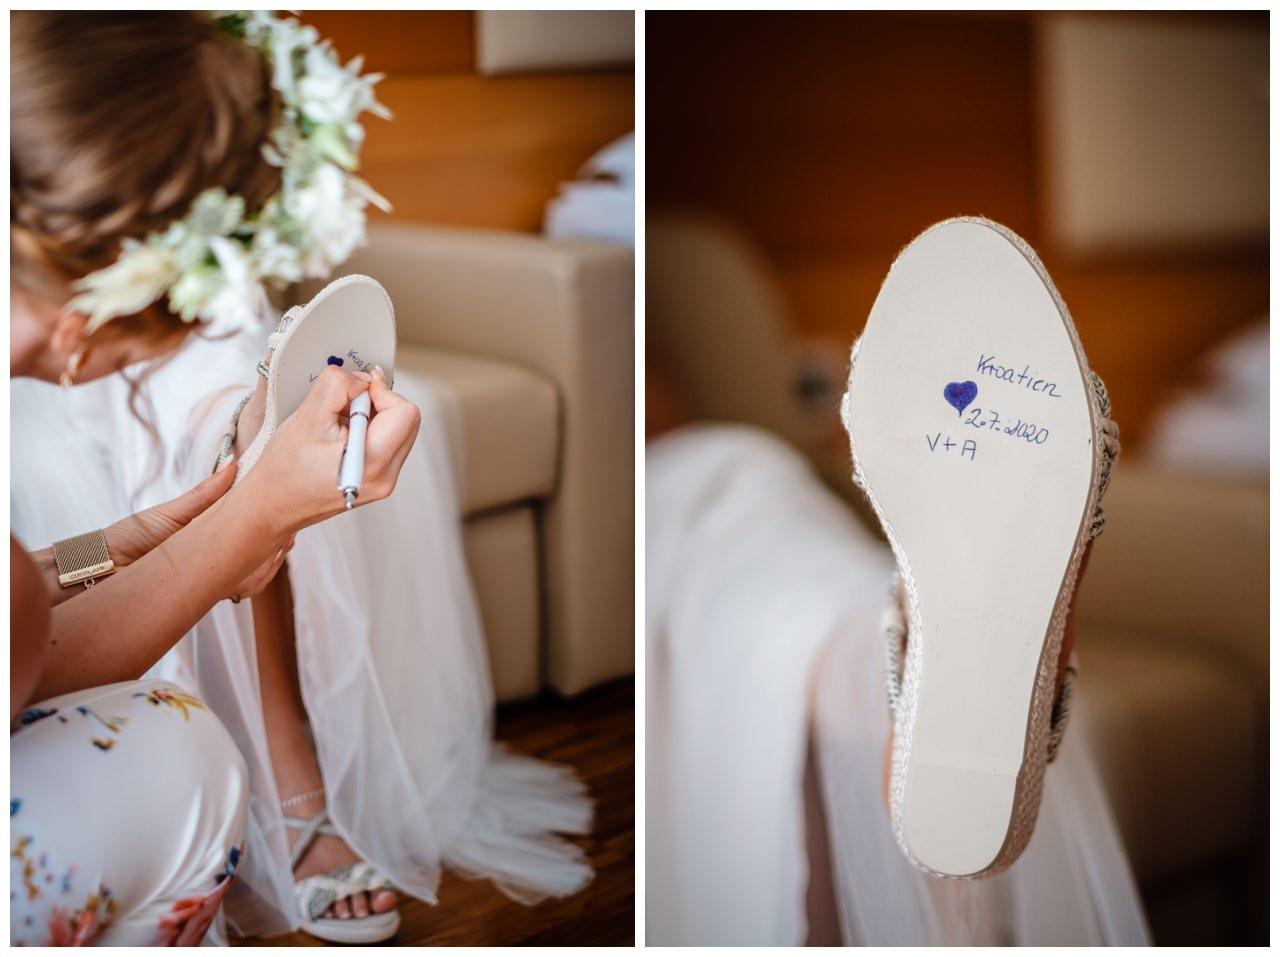 hochzeit kroatien ausland gardasee fotograf strand 25 - Hochzeit am Strand in Kroatien